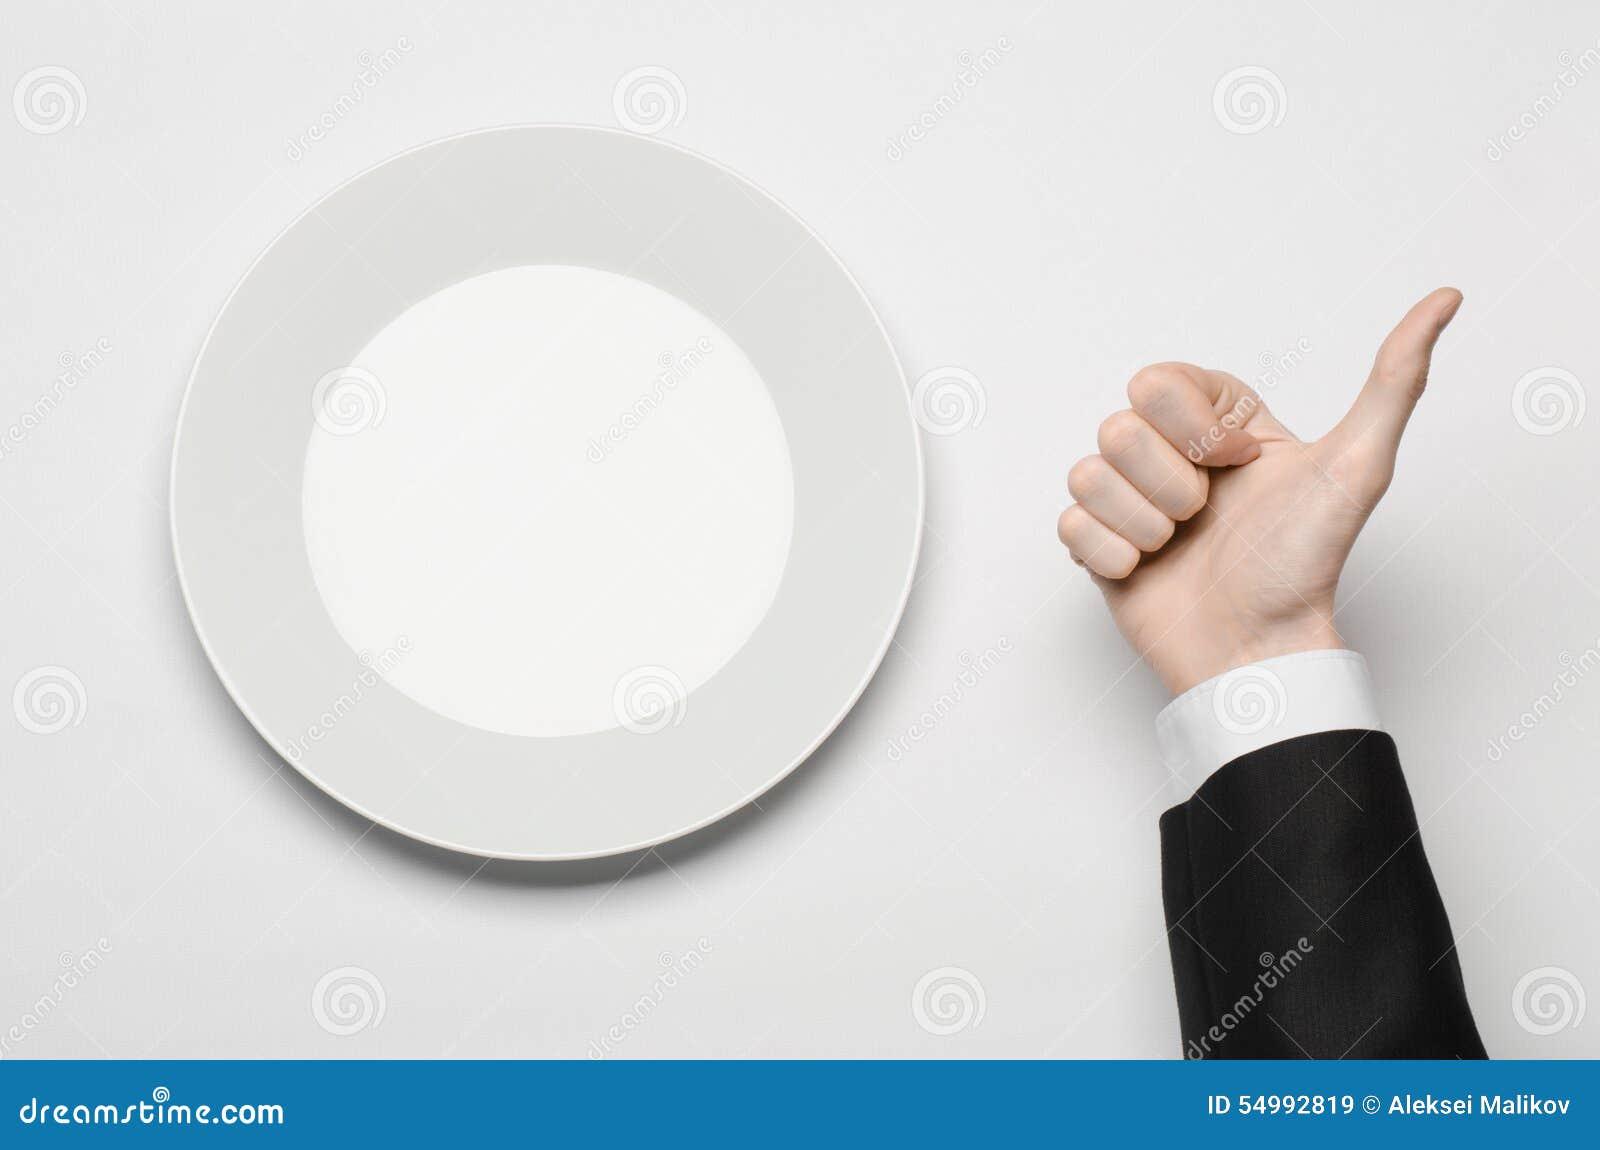 Affärslunch och sunt mattema: mannens hand i en svart dräkt som rymmer ett vitt, tömmer plattan, och shower fingrar gest på en is